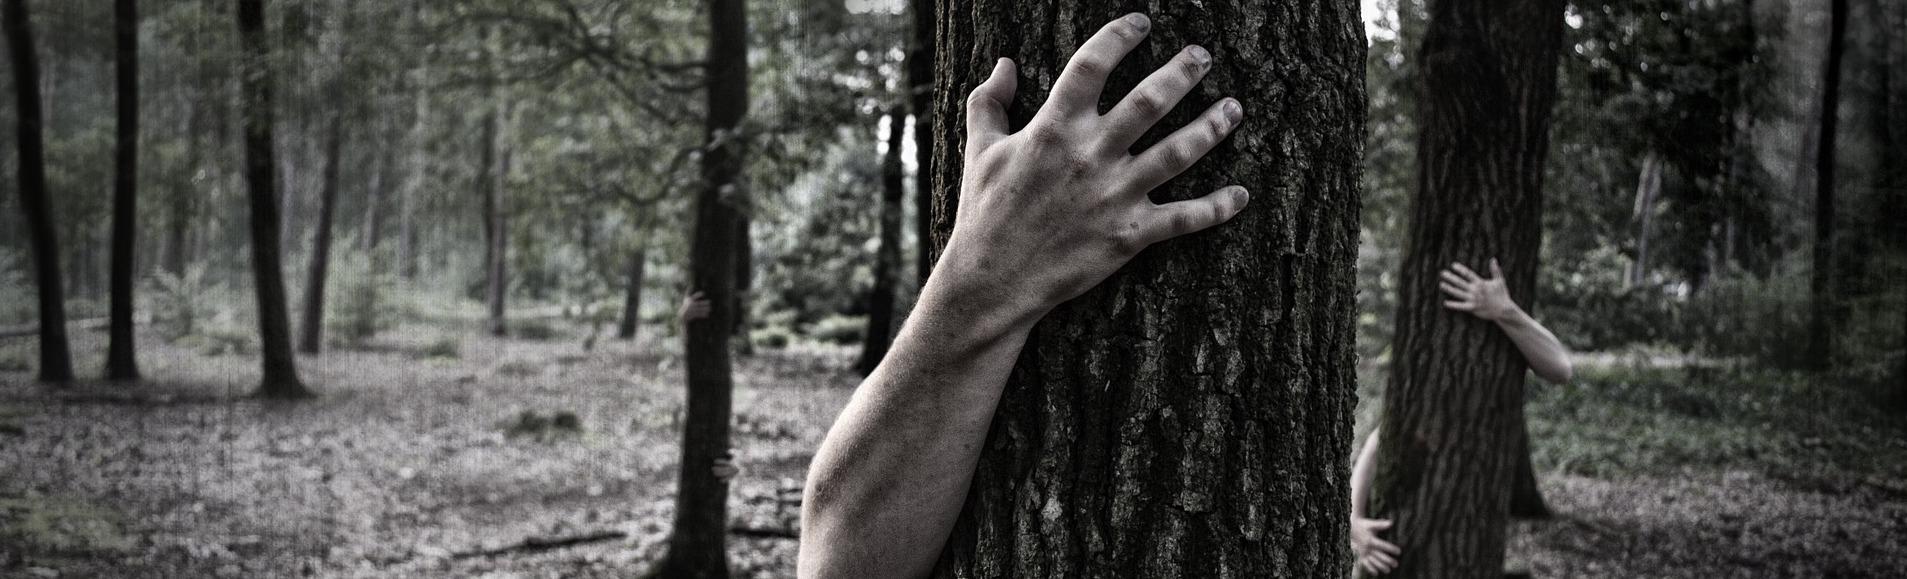 hands-984032_1920jpg